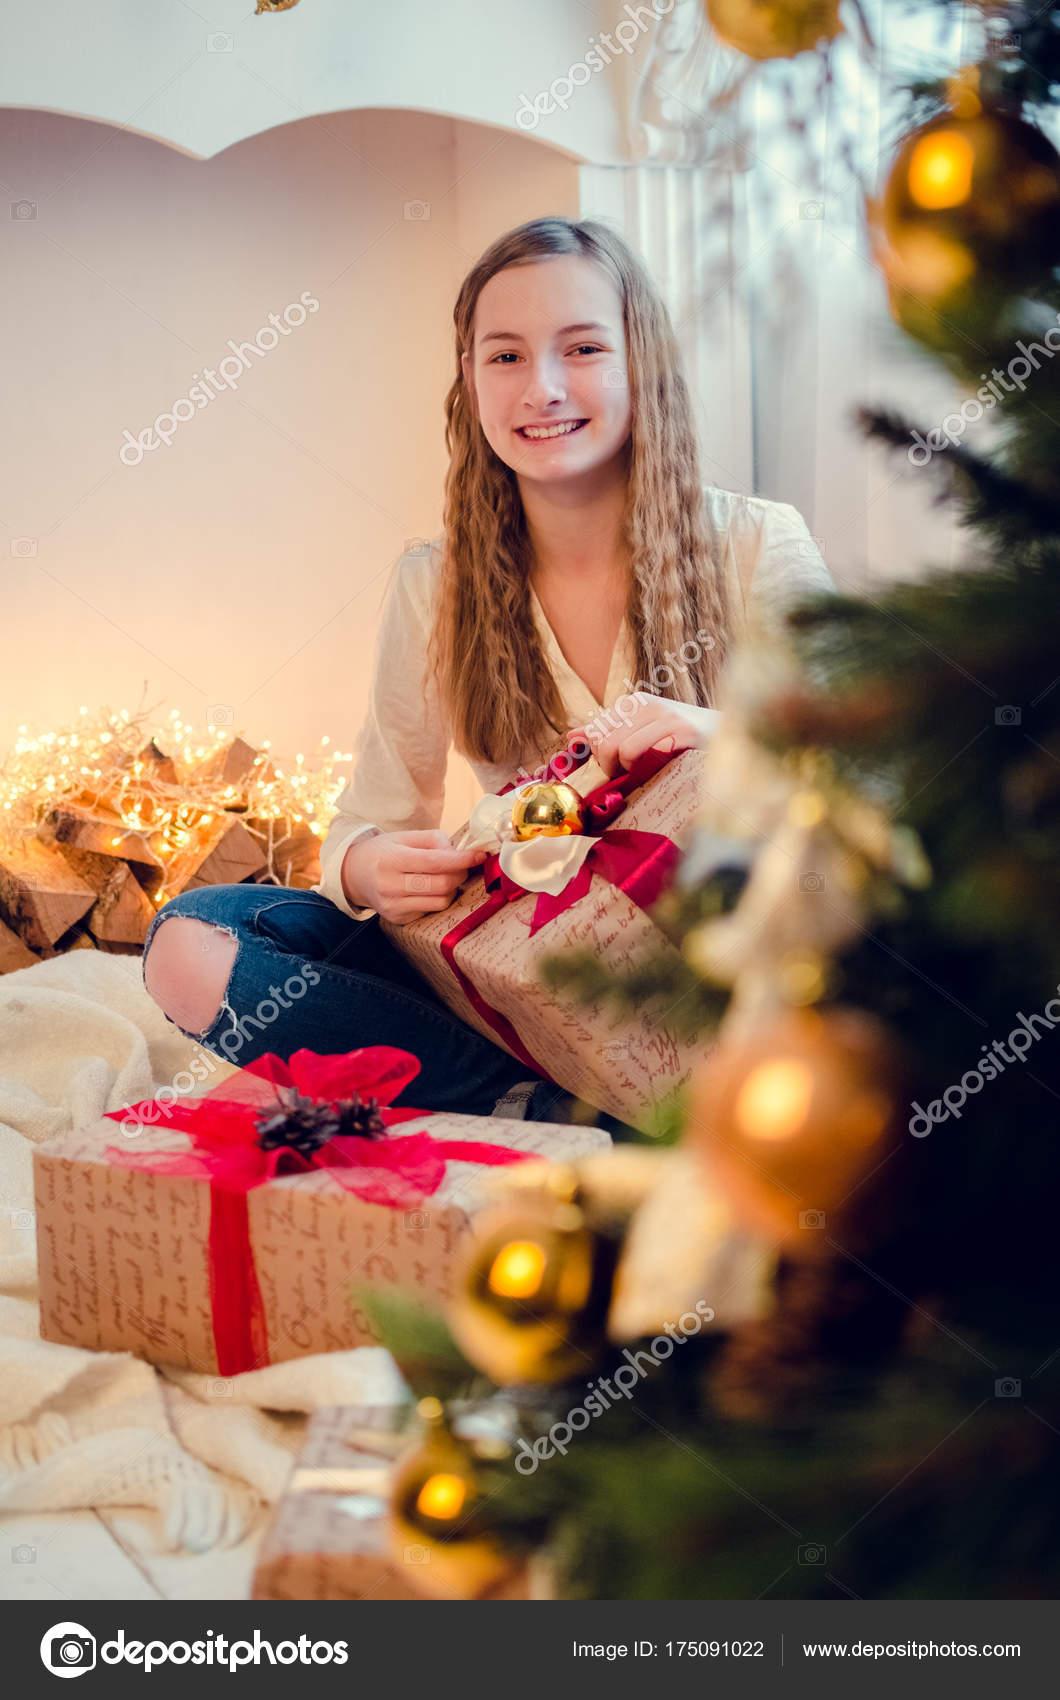 Teenager-Mädchen Öffnen der Gegenwart — Stockfoto © NelliSyr #175091022